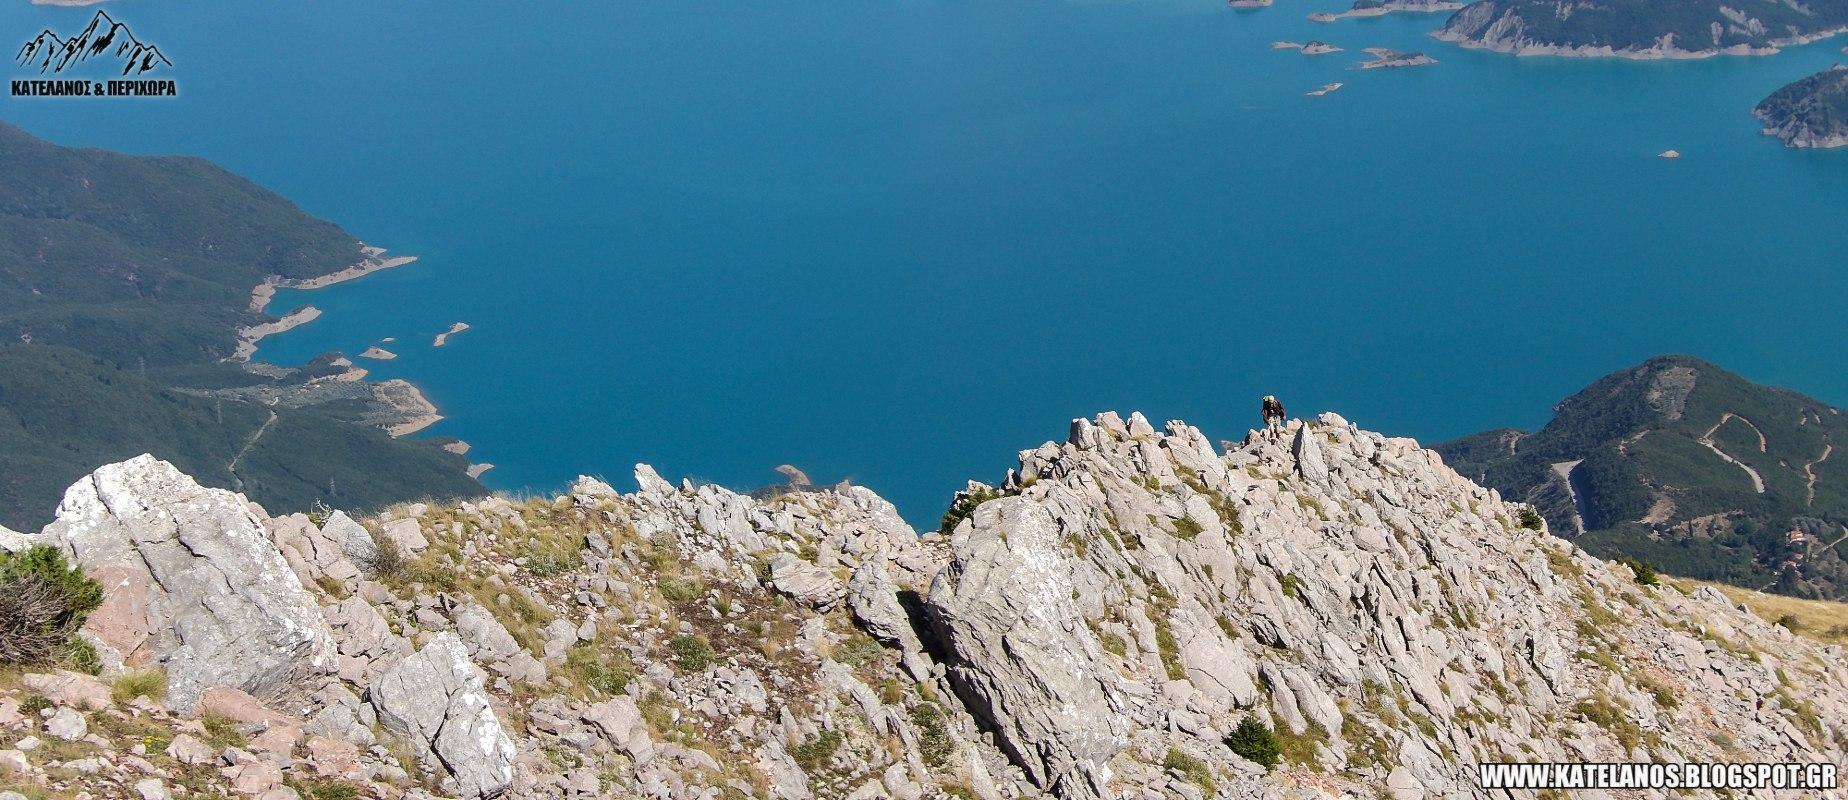 διαδρομες στο παναιτωλικο ορος αναβαση ορειβασια τσοκα